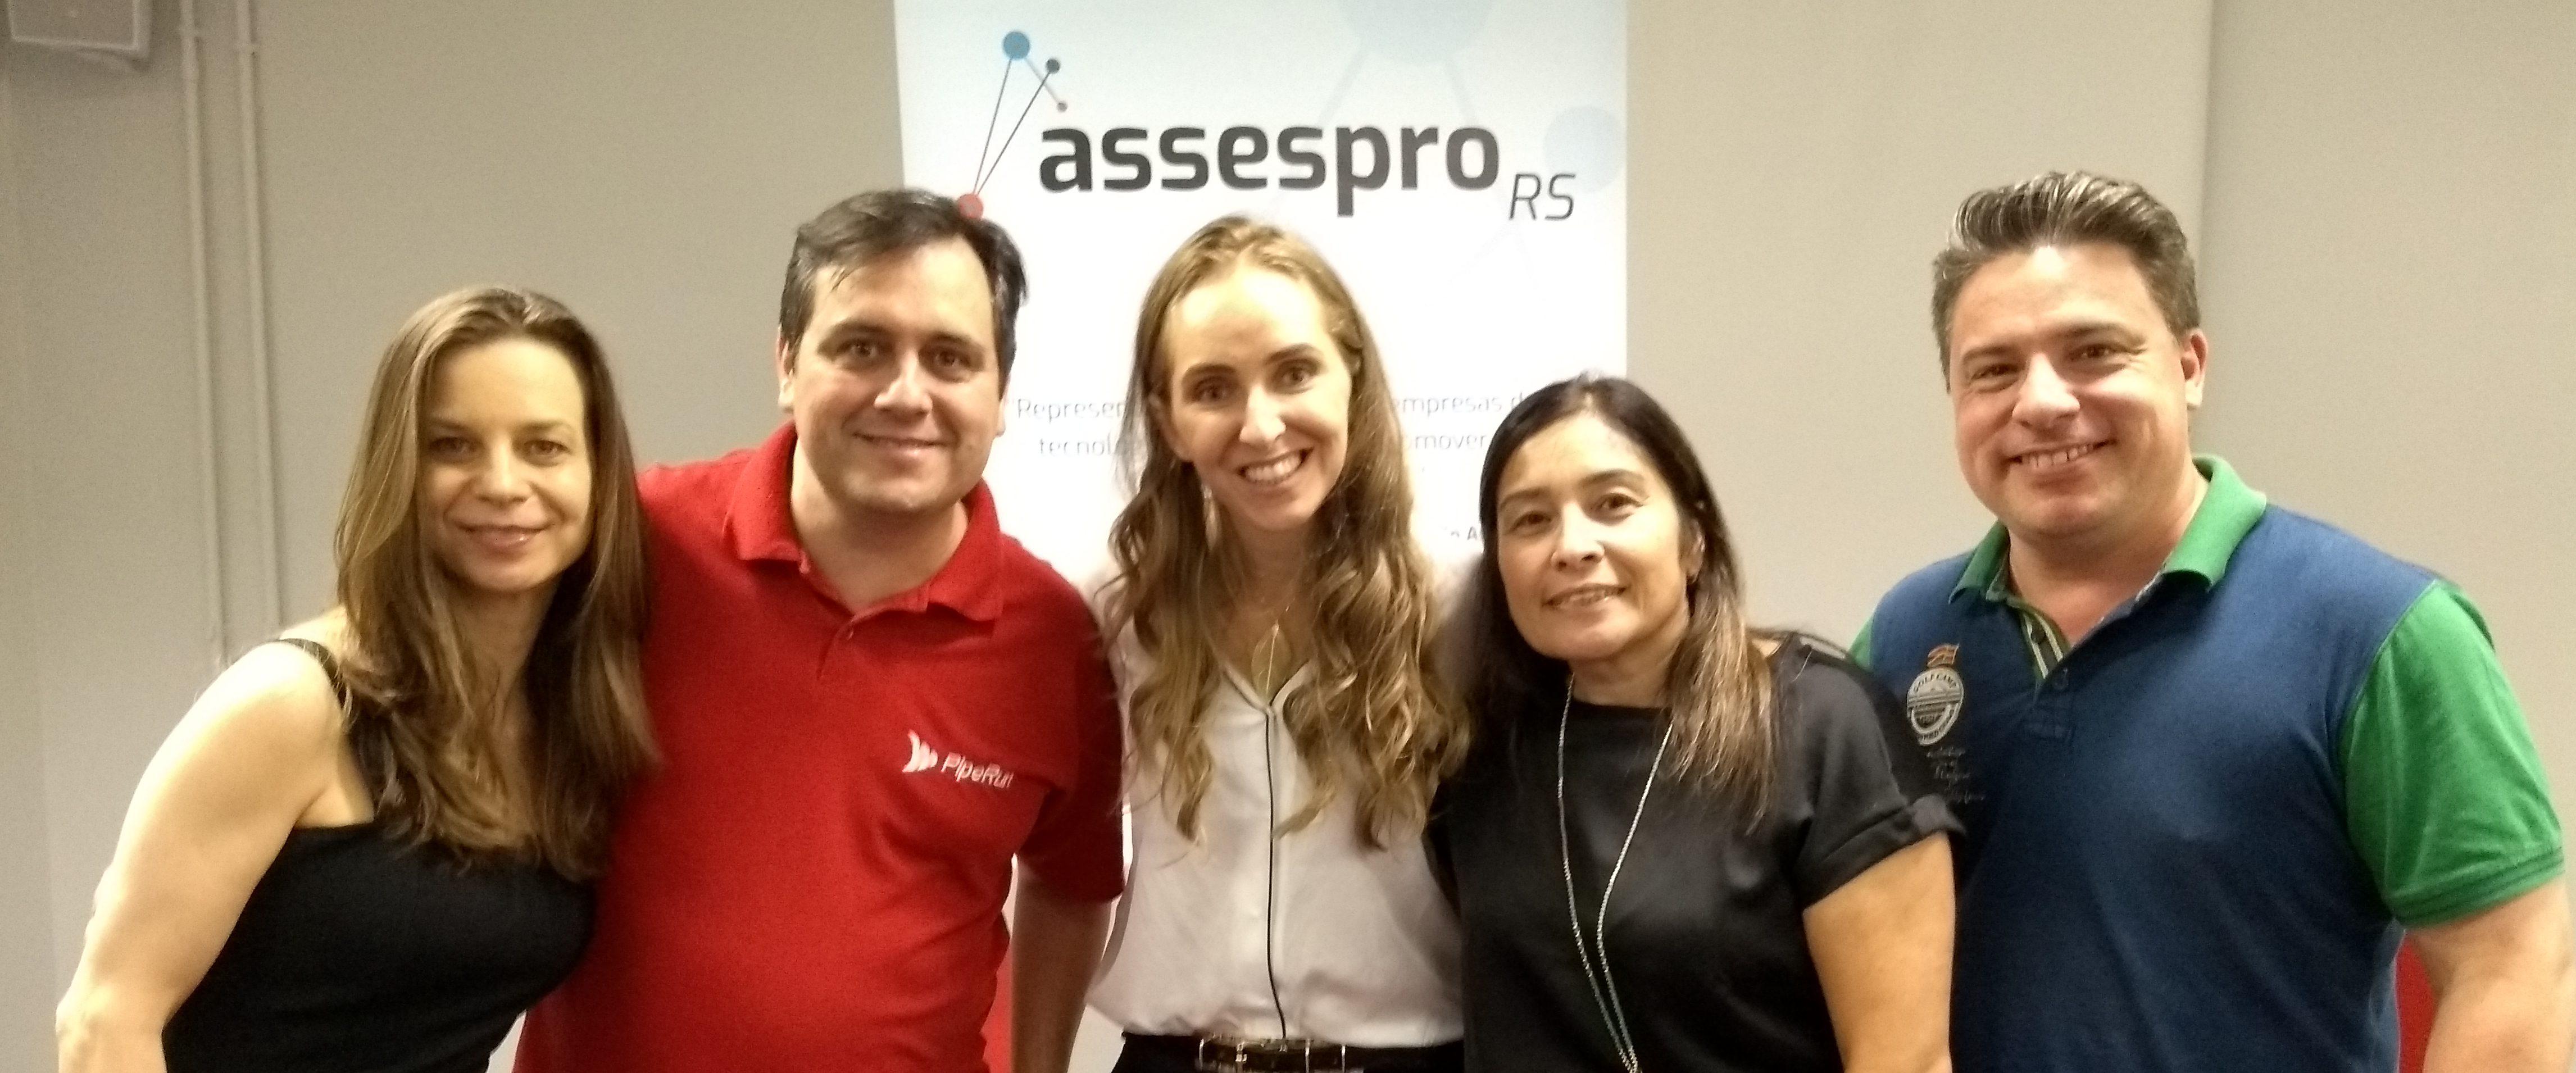 Assespro-RS elege diretoria biênio 2019/2020